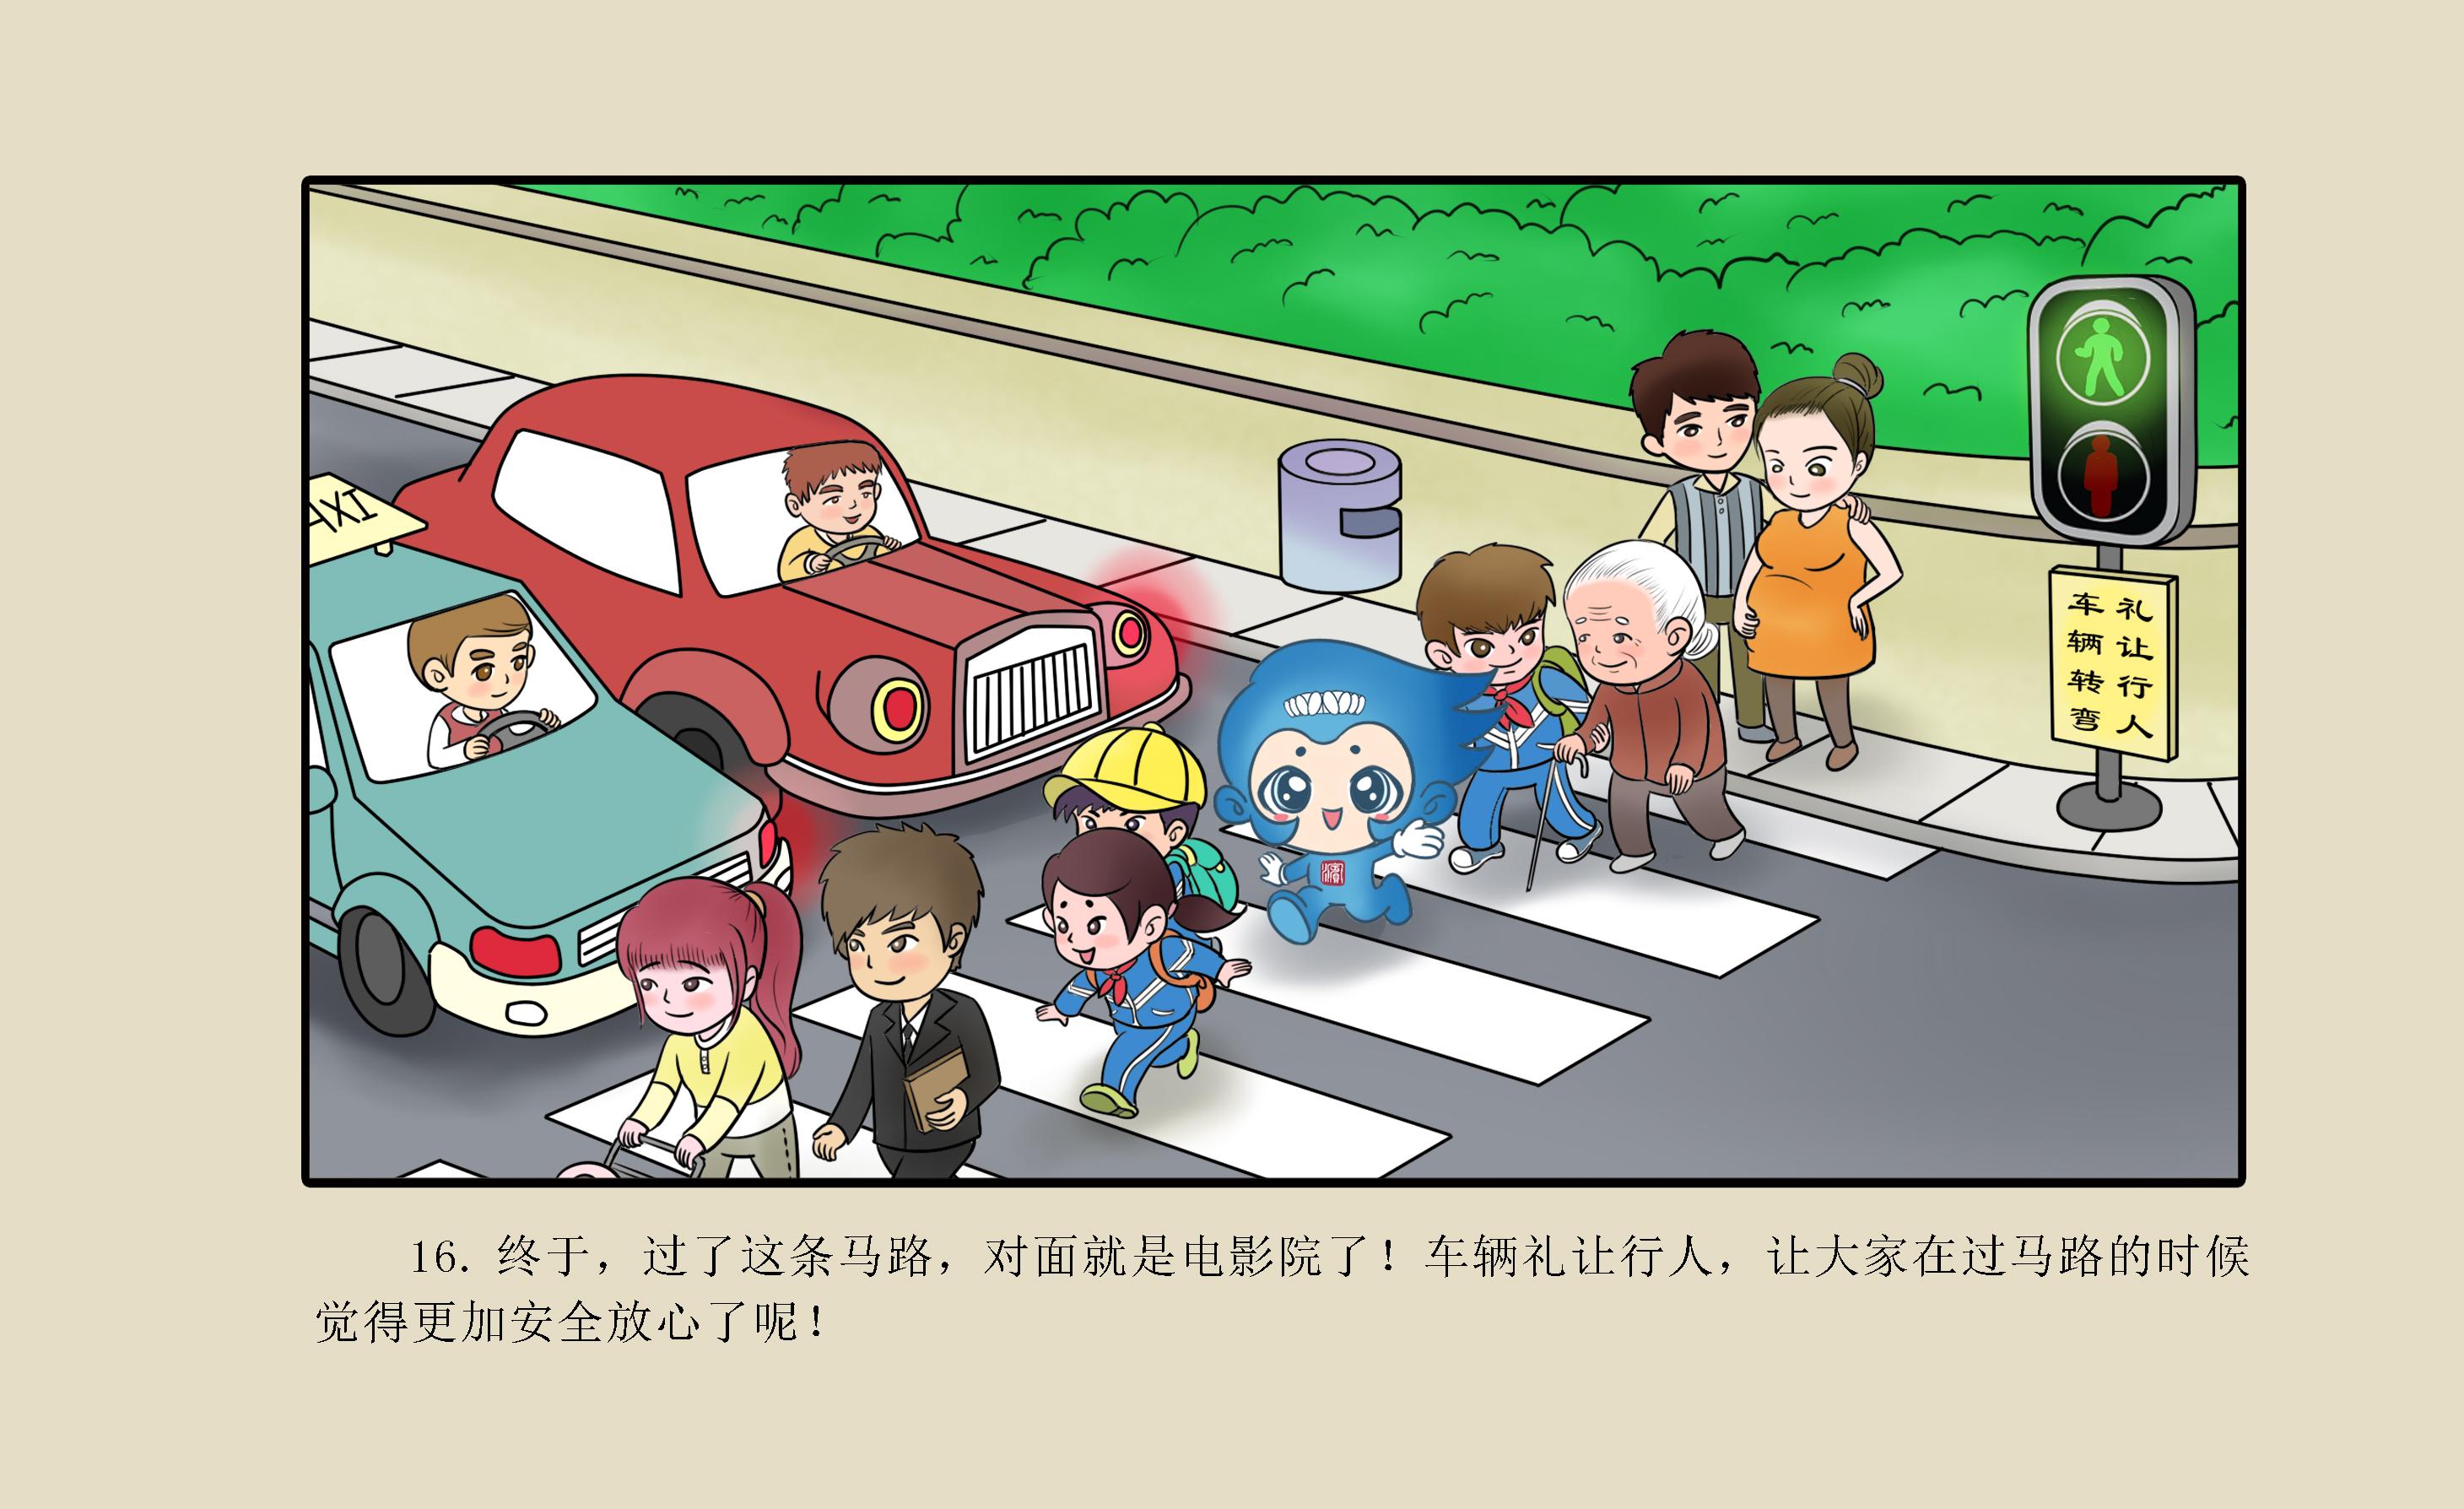 热点专题 2016年专题 滨滨有礼 漫画文明公约墙 正文